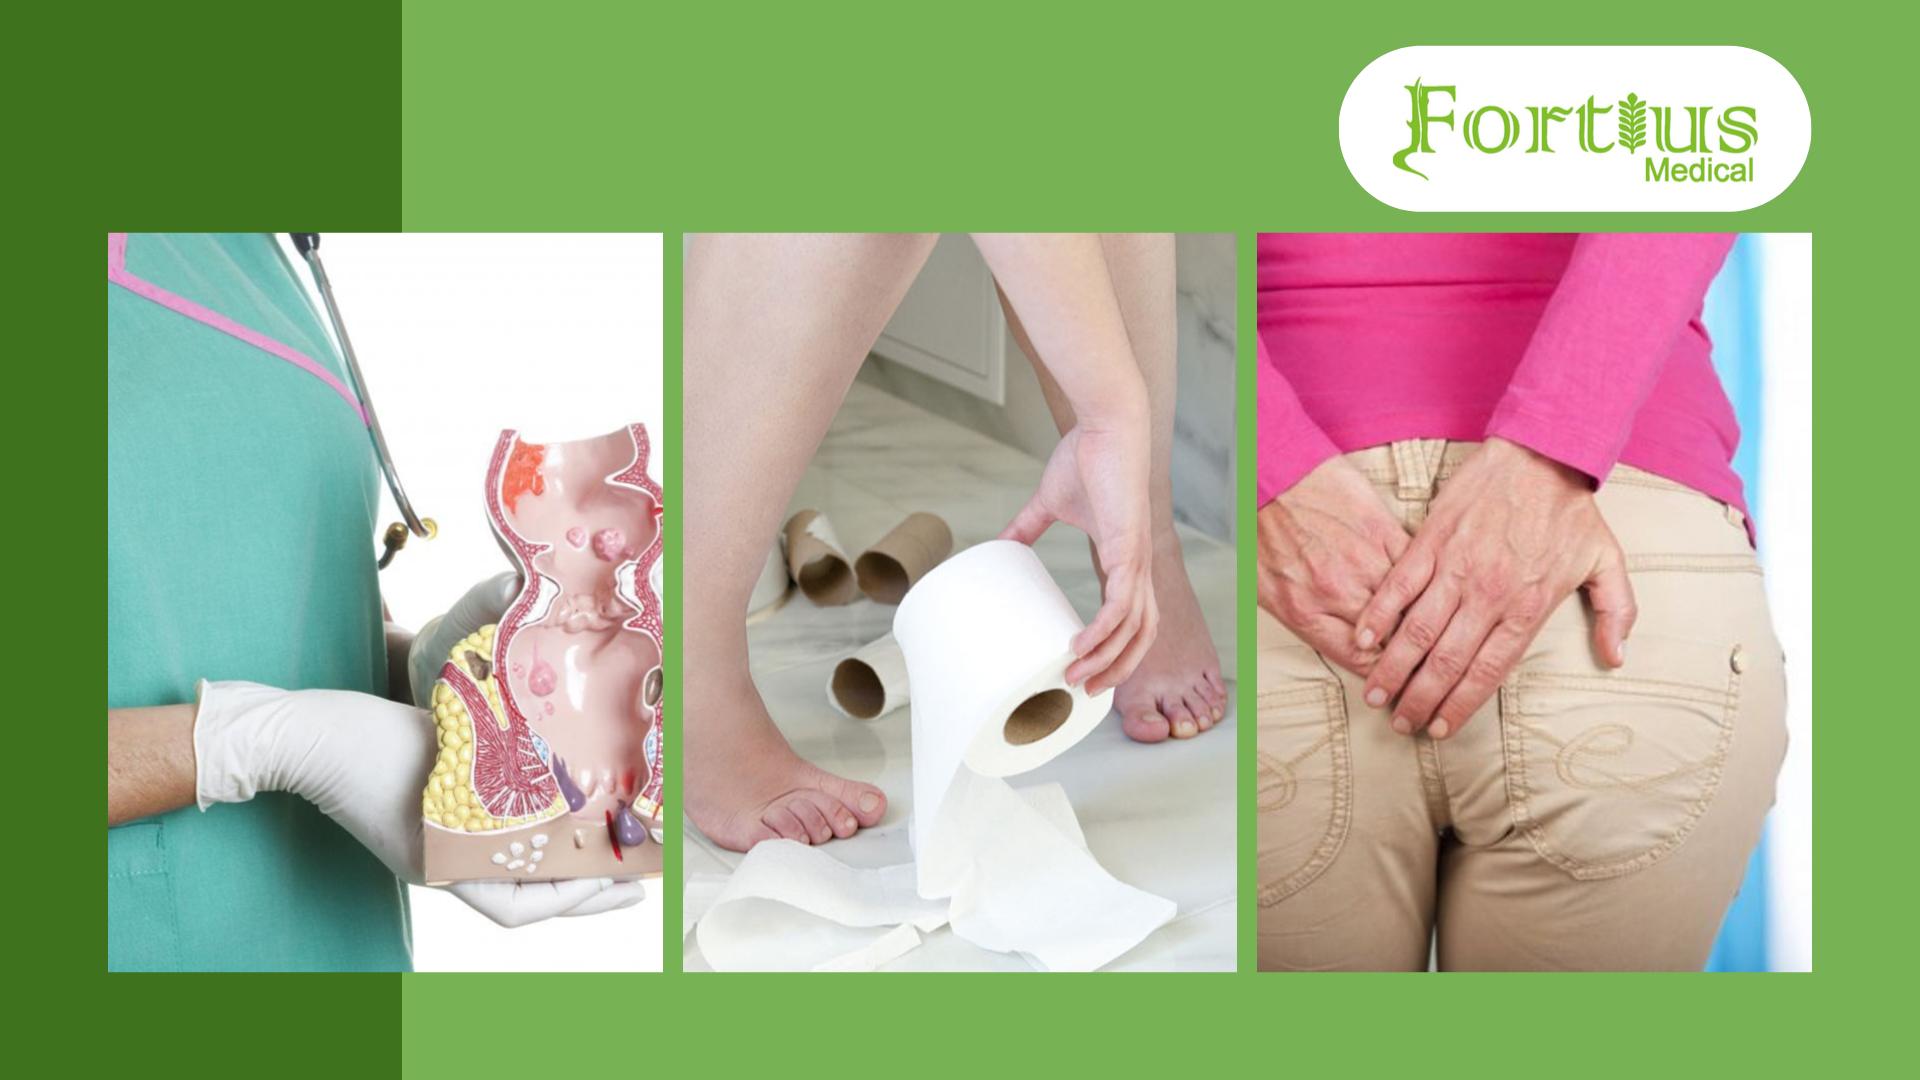 Boala hemoroidală - ce trebuie să știi despre hemoroizi și fisuri anale?